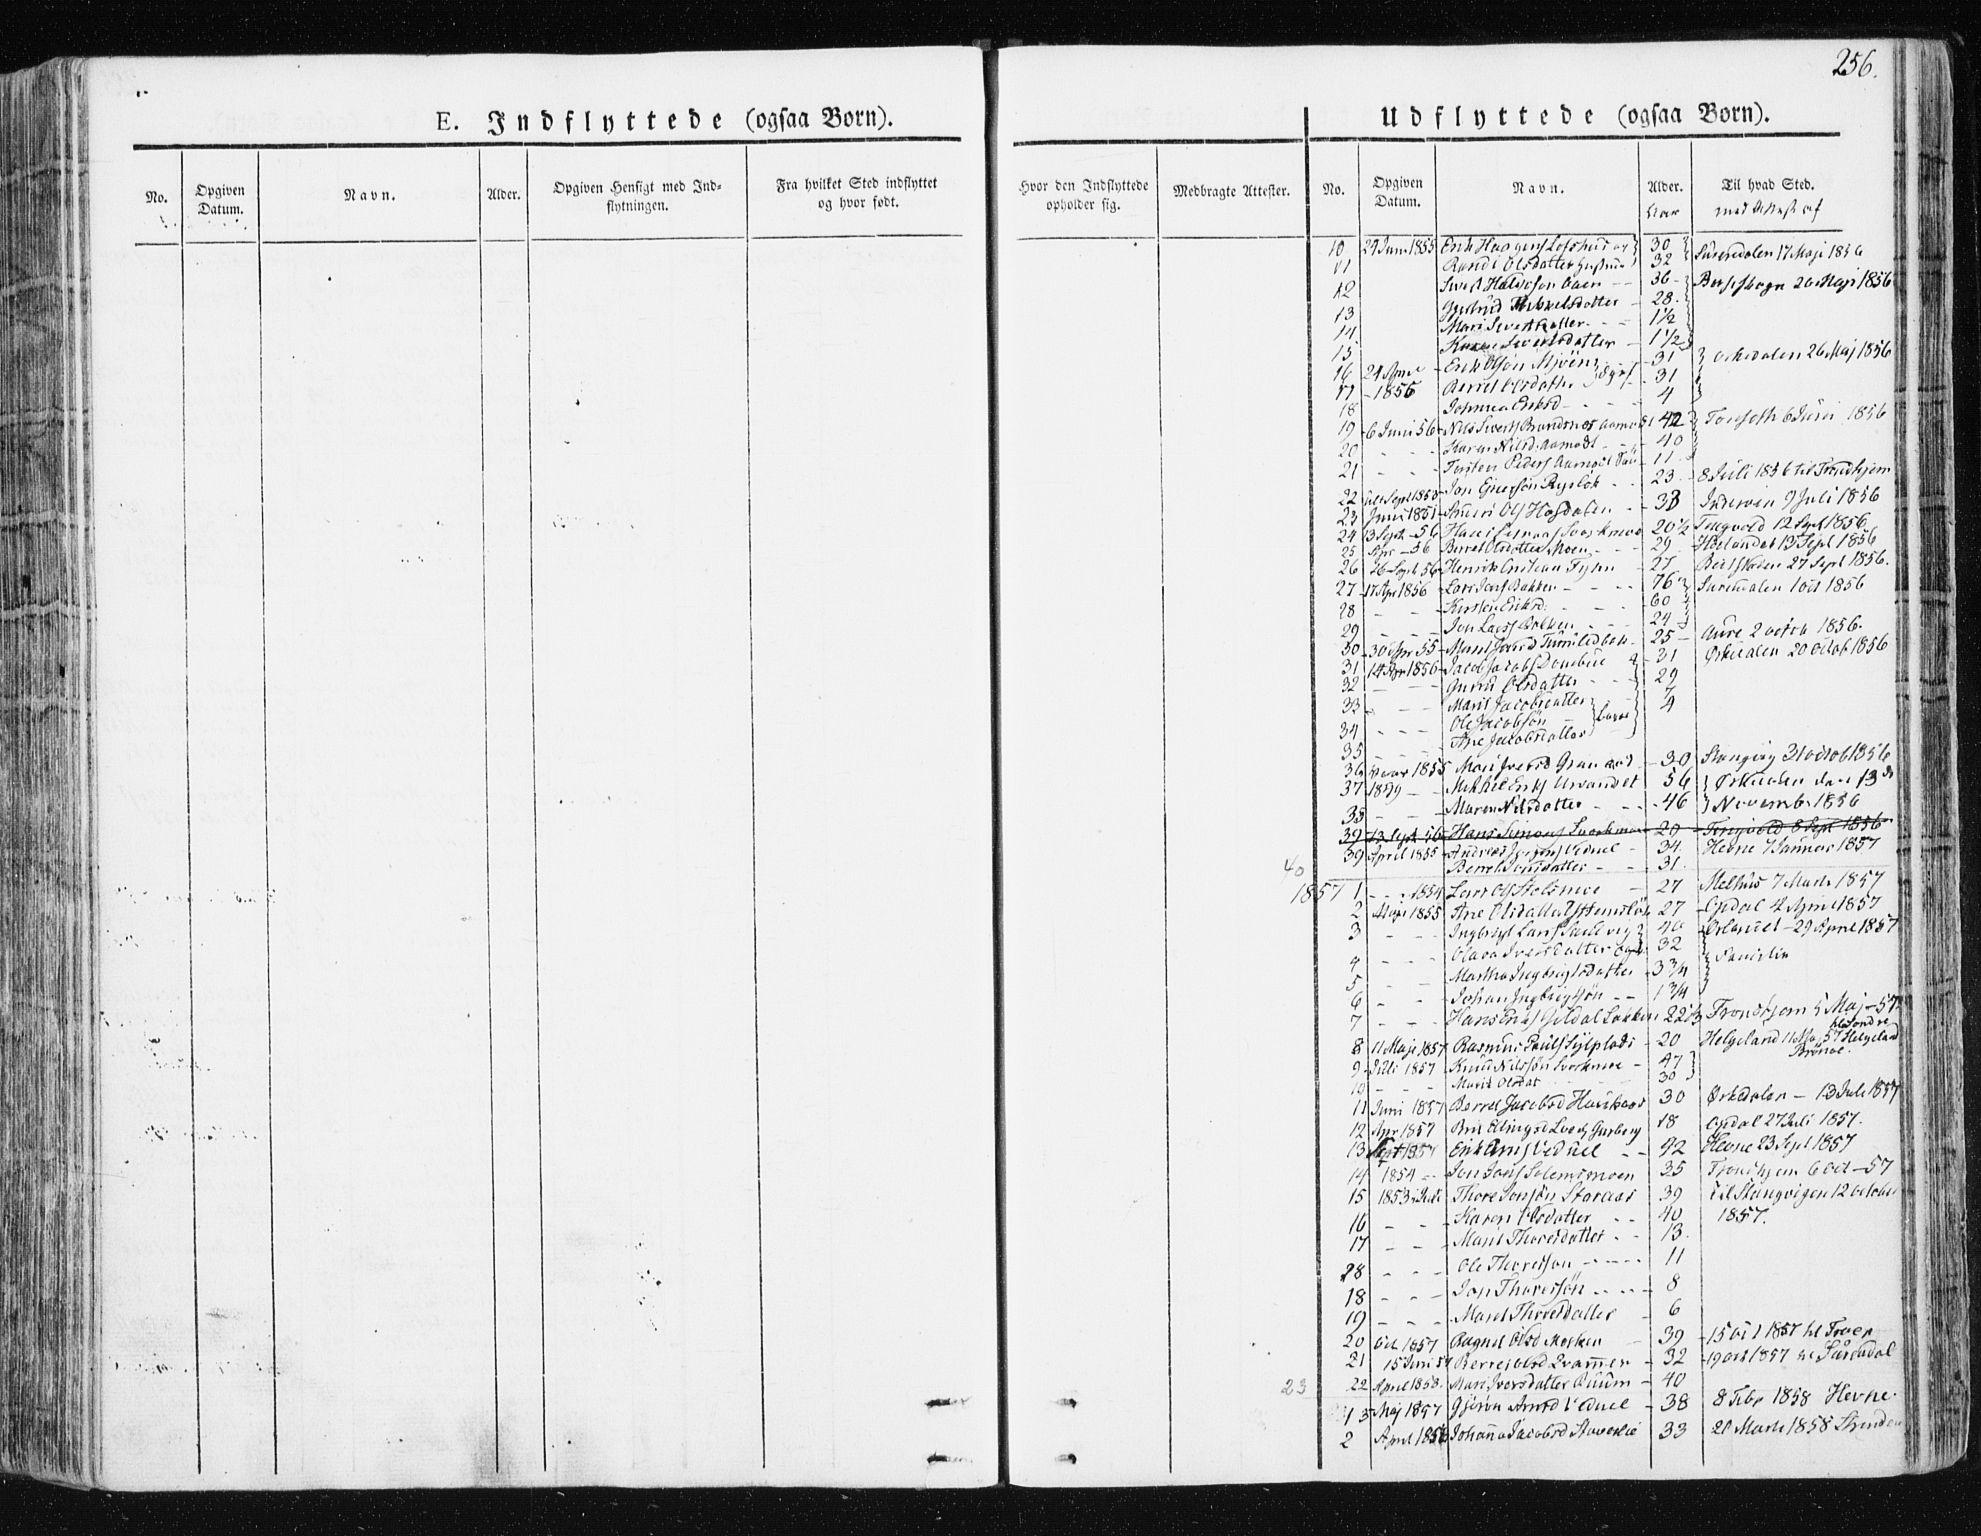 SAT, Ministerialprotokoller, klokkerbøker og fødselsregistre - Sør-Trøndelag, 672/L0855: Ministerialbok nr. 672A07, 1829-1860, s. 256